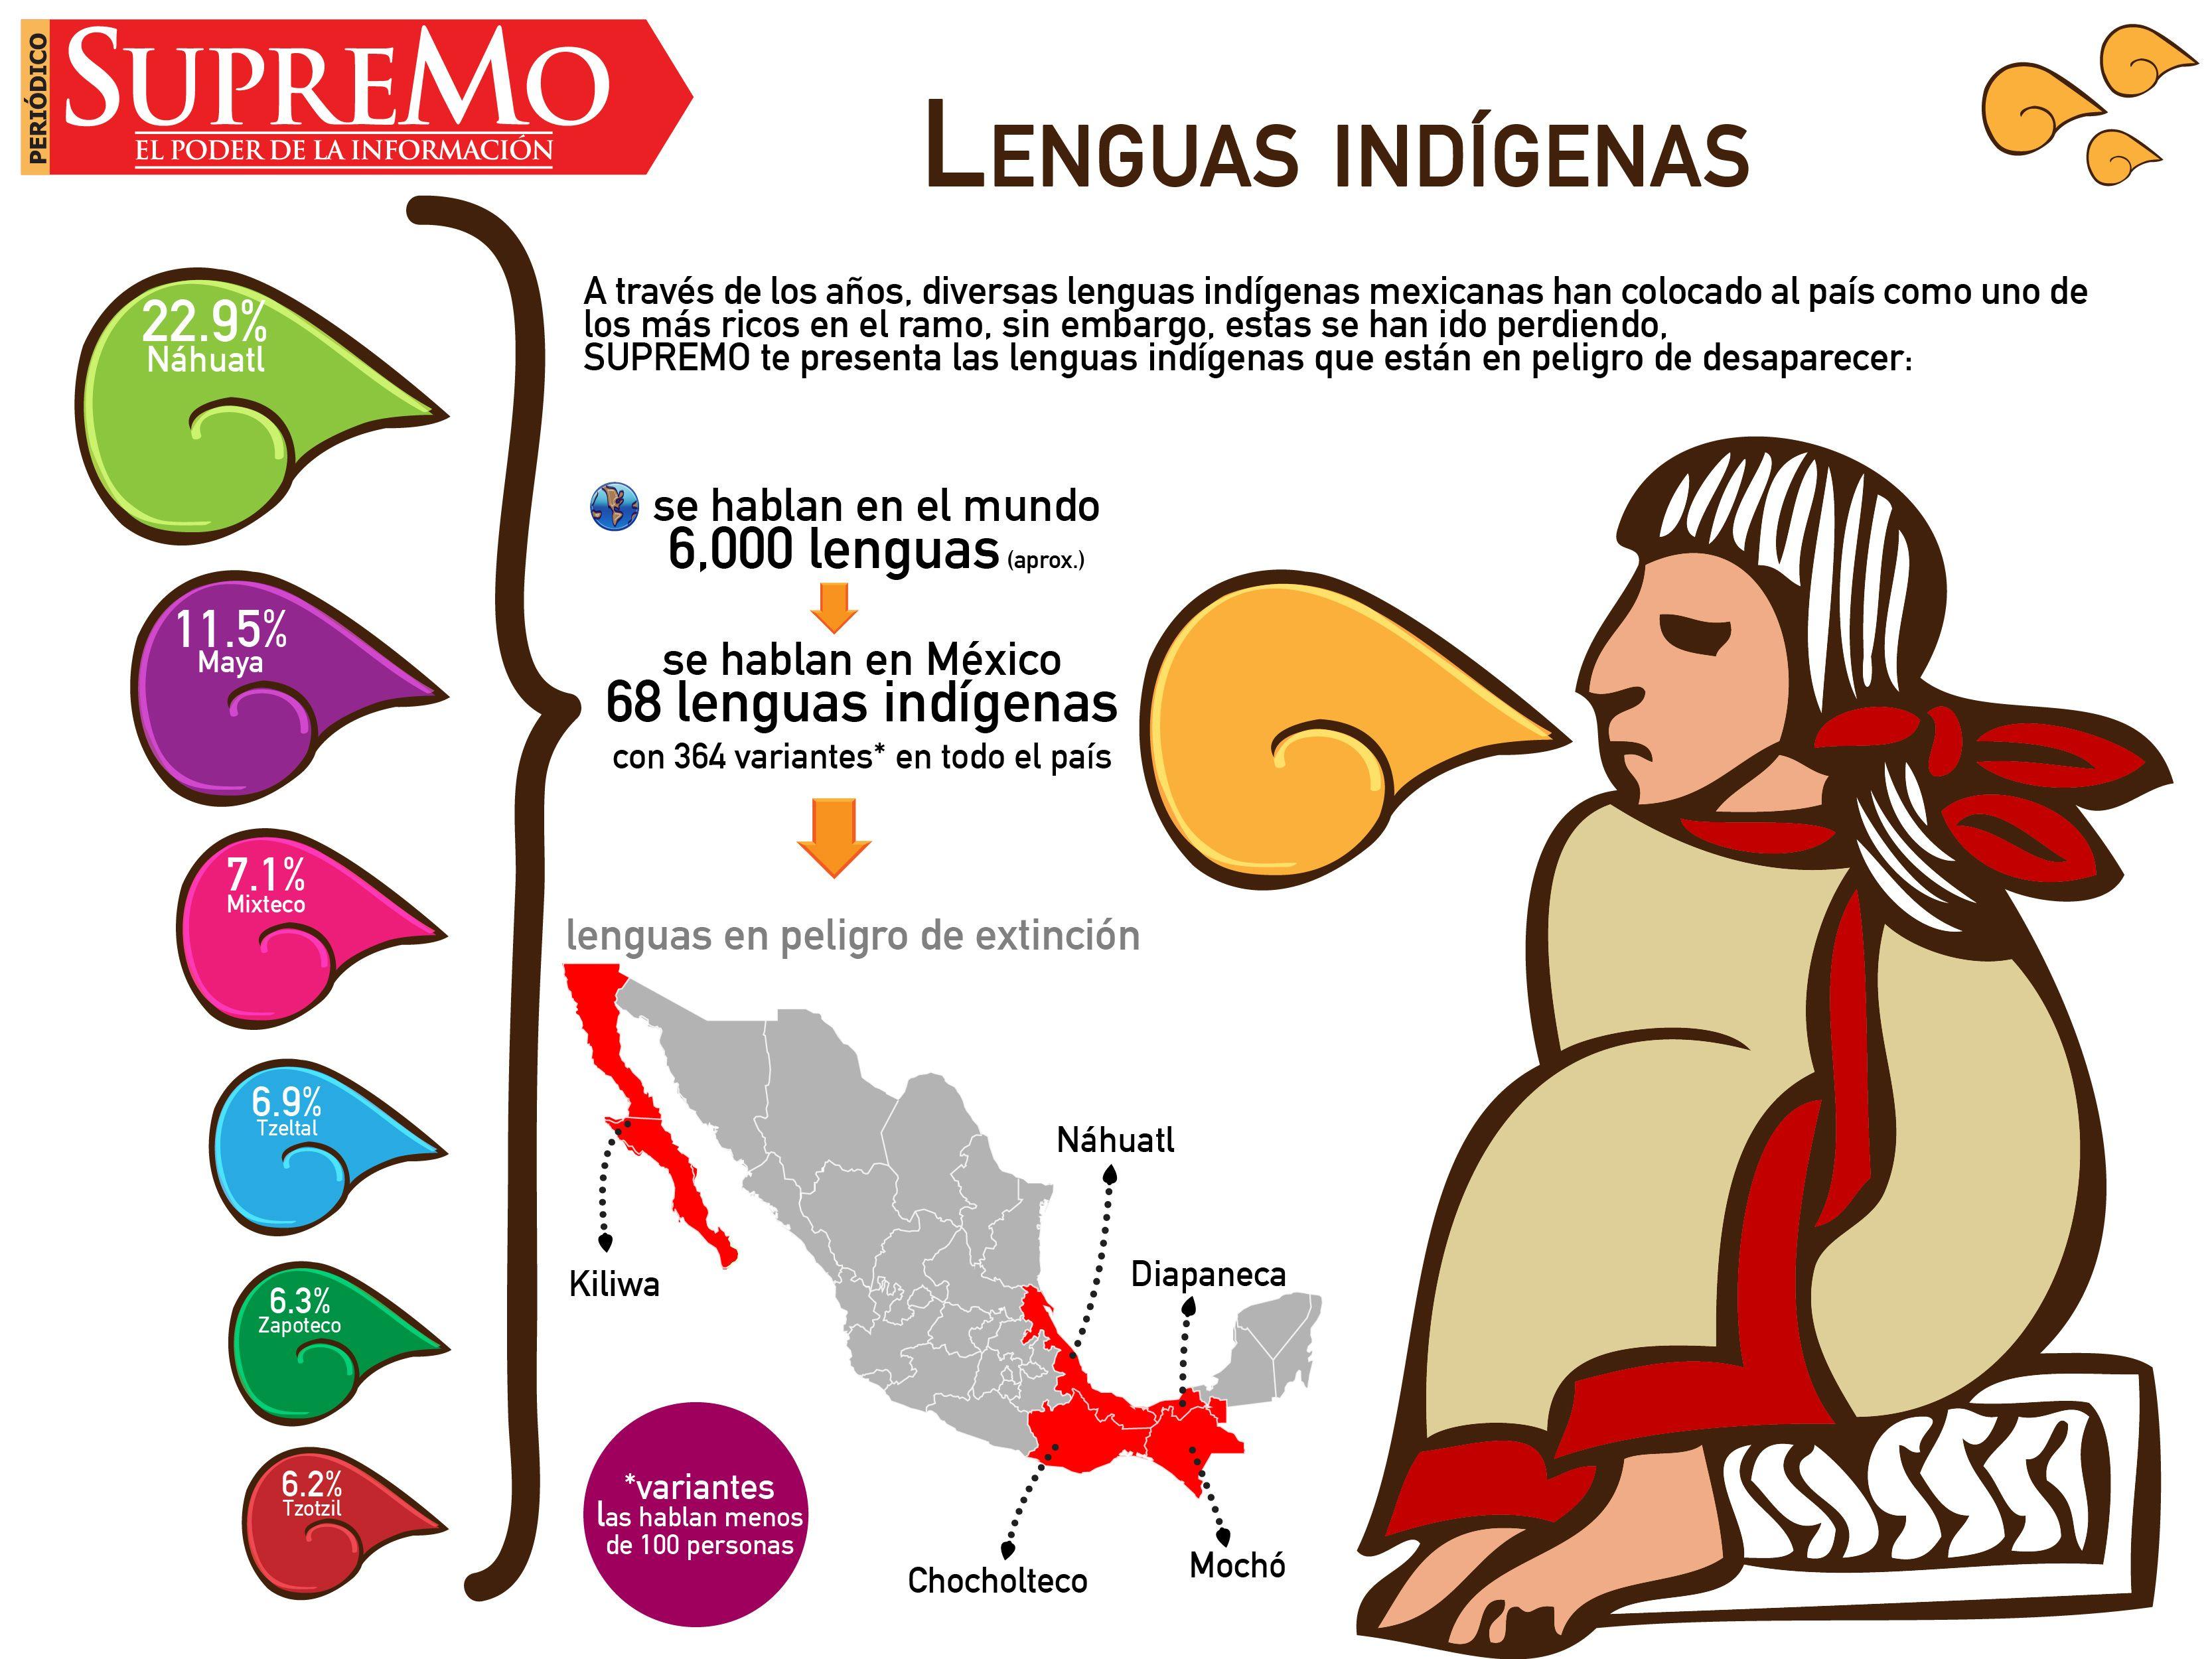 Desaparecerán en 50 años 30 lenguas originarias si no se actúa ya: red indígena